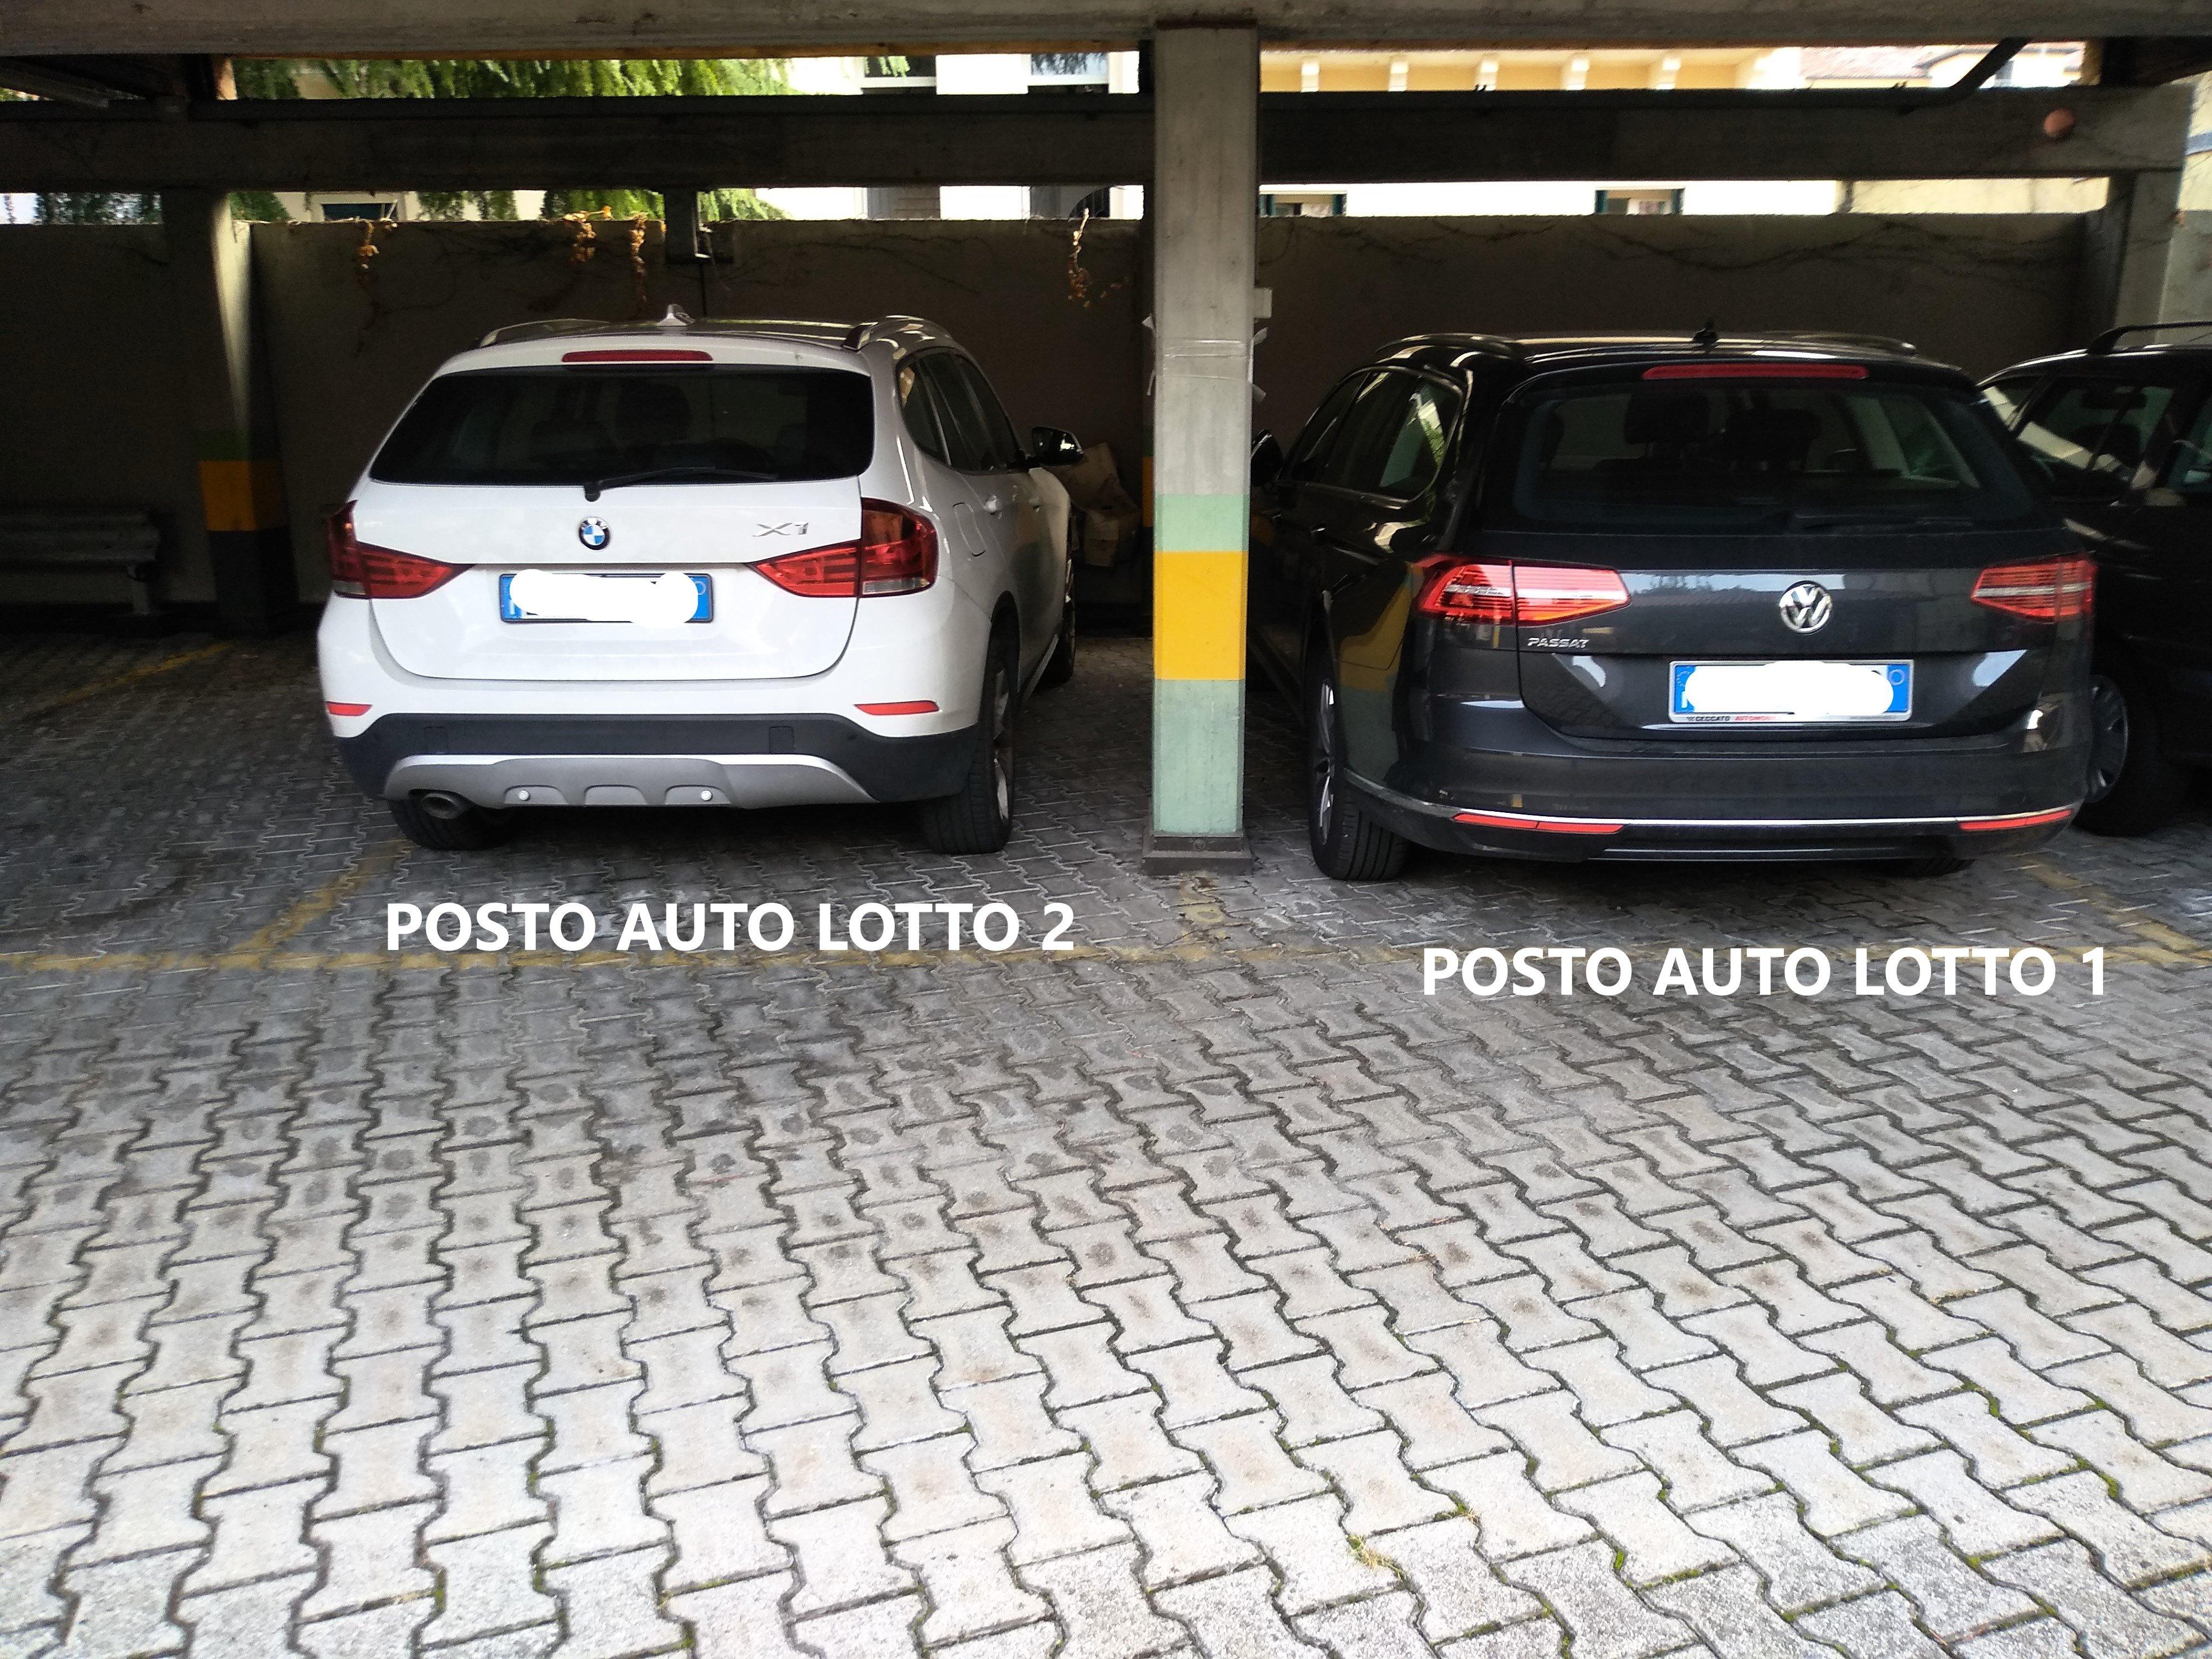 Avviso vendita n. 2 posti auto in Contrà Cantarane foto-Cantarane_5732_1.jpg (Art. corrente, Pag. 1, Foto generica)